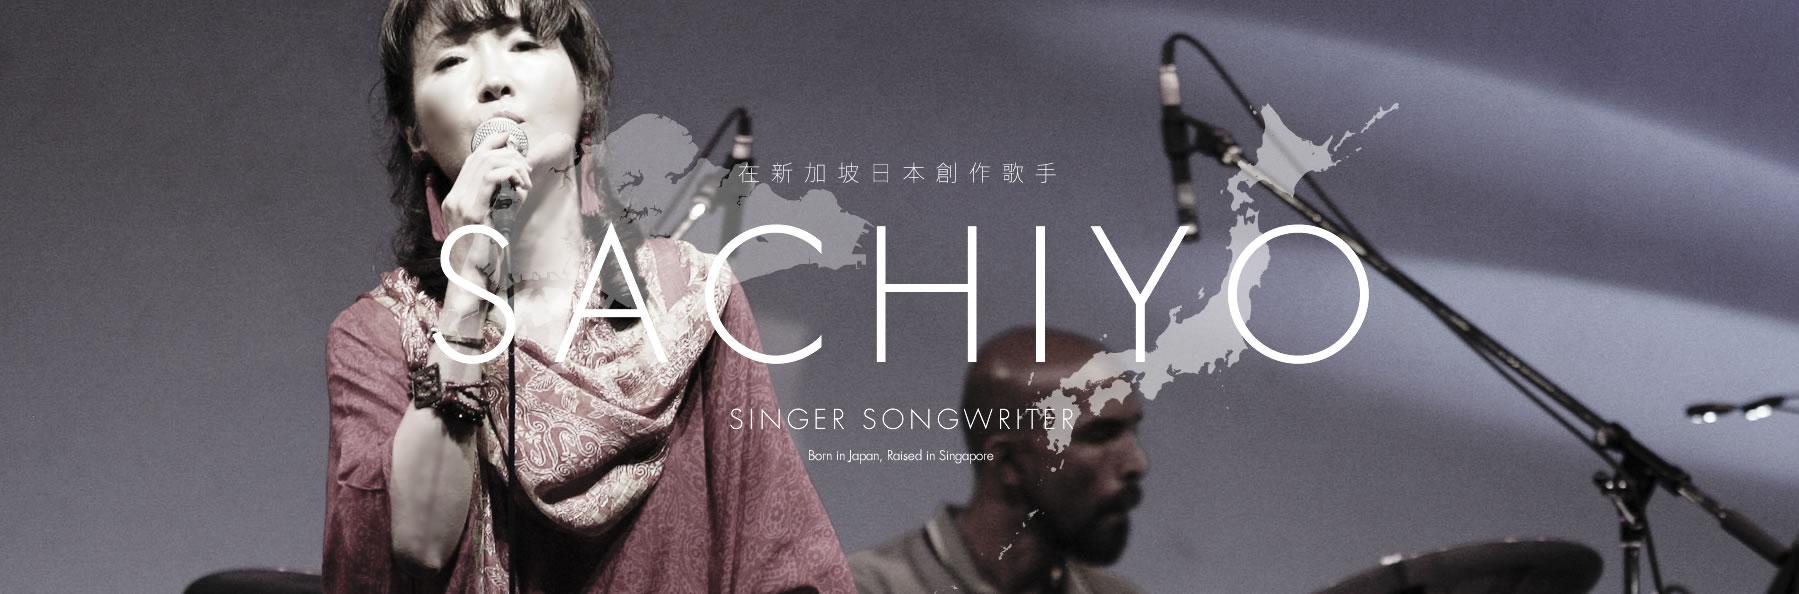 SACHIYO singer songwriter